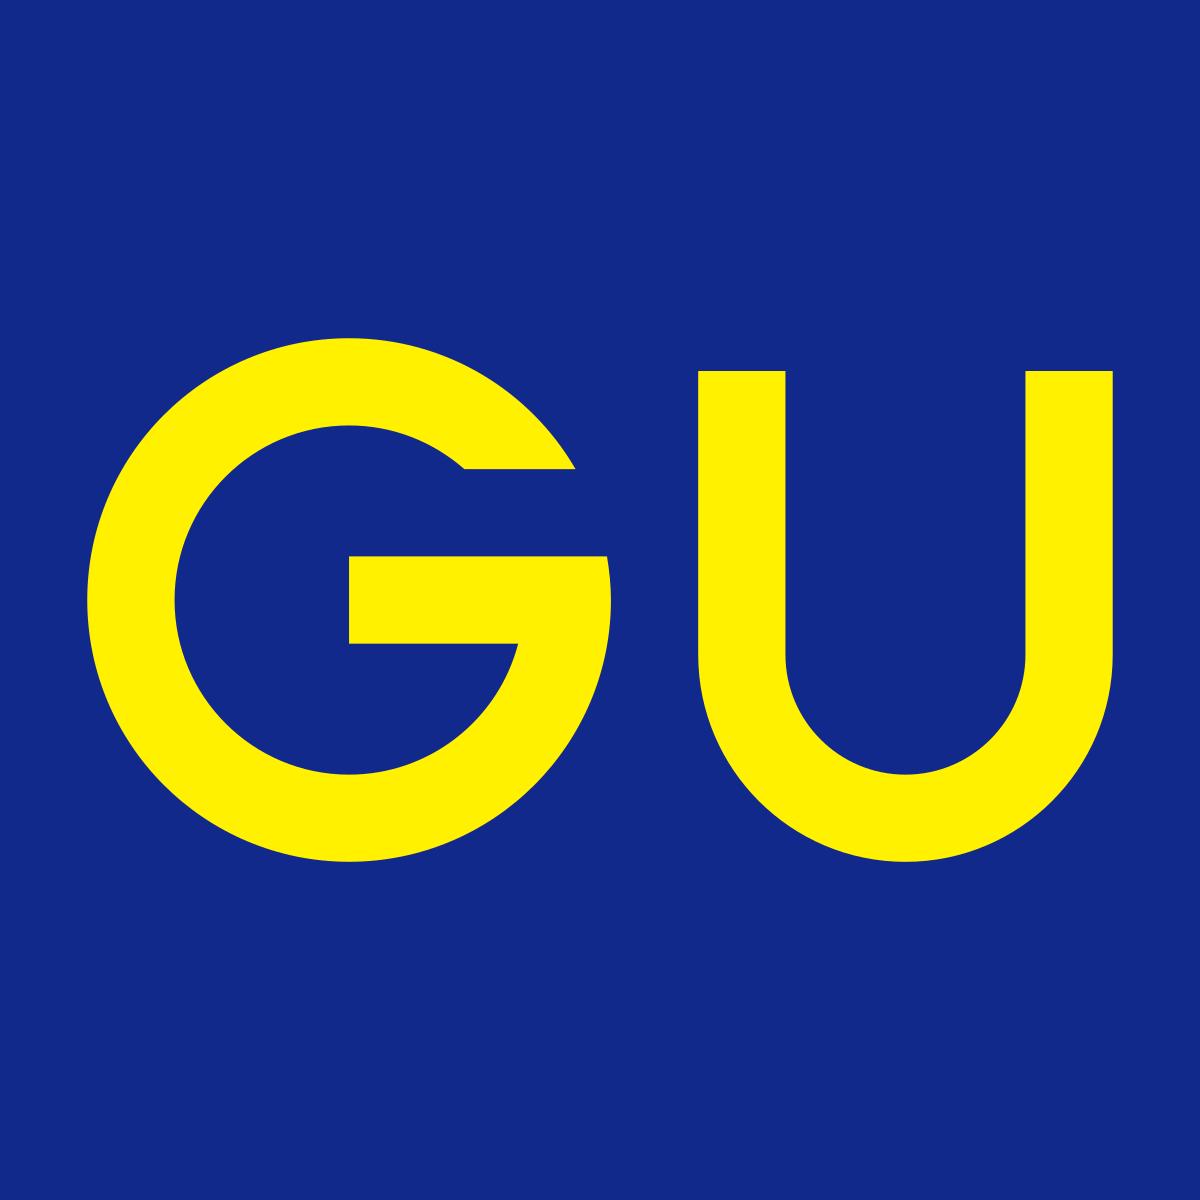 GUの面接に行ってみた感想と結果。GUの店員さんは皆ニッコニコです。